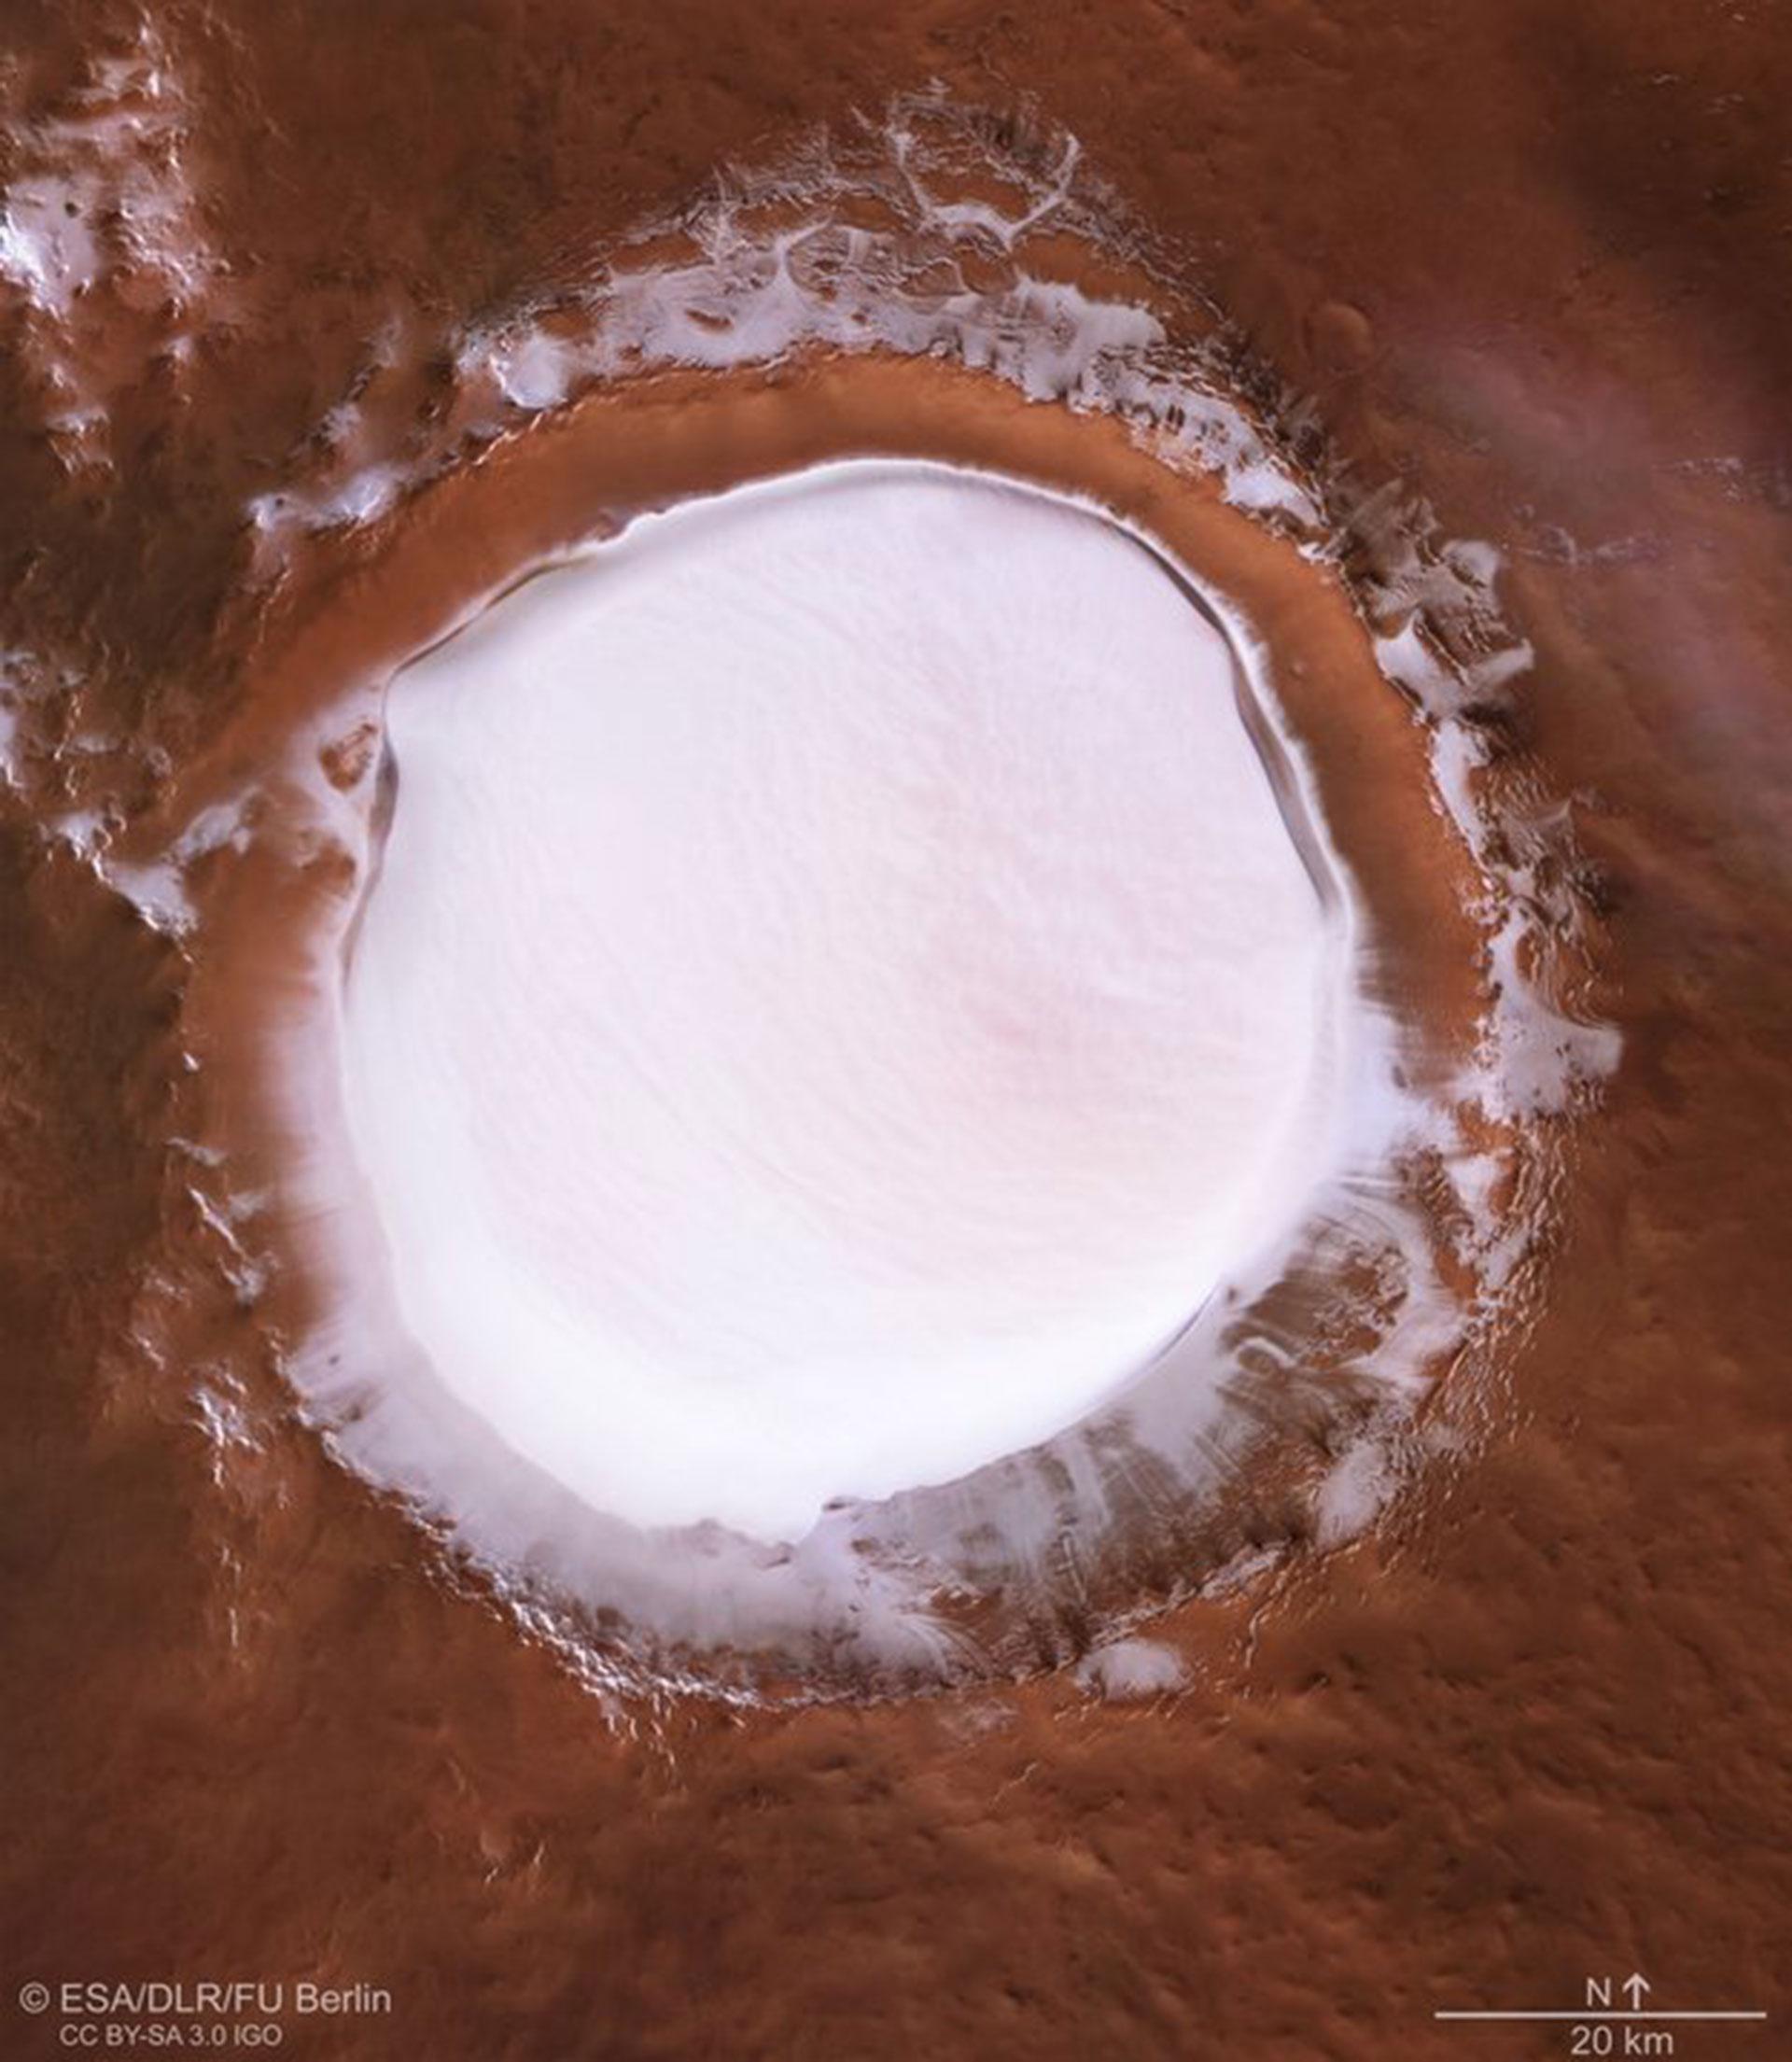 Parece una enorme pista de nieve virgen ubicada en medio de algún desierto. Pero no: se trata del cráter Korolev